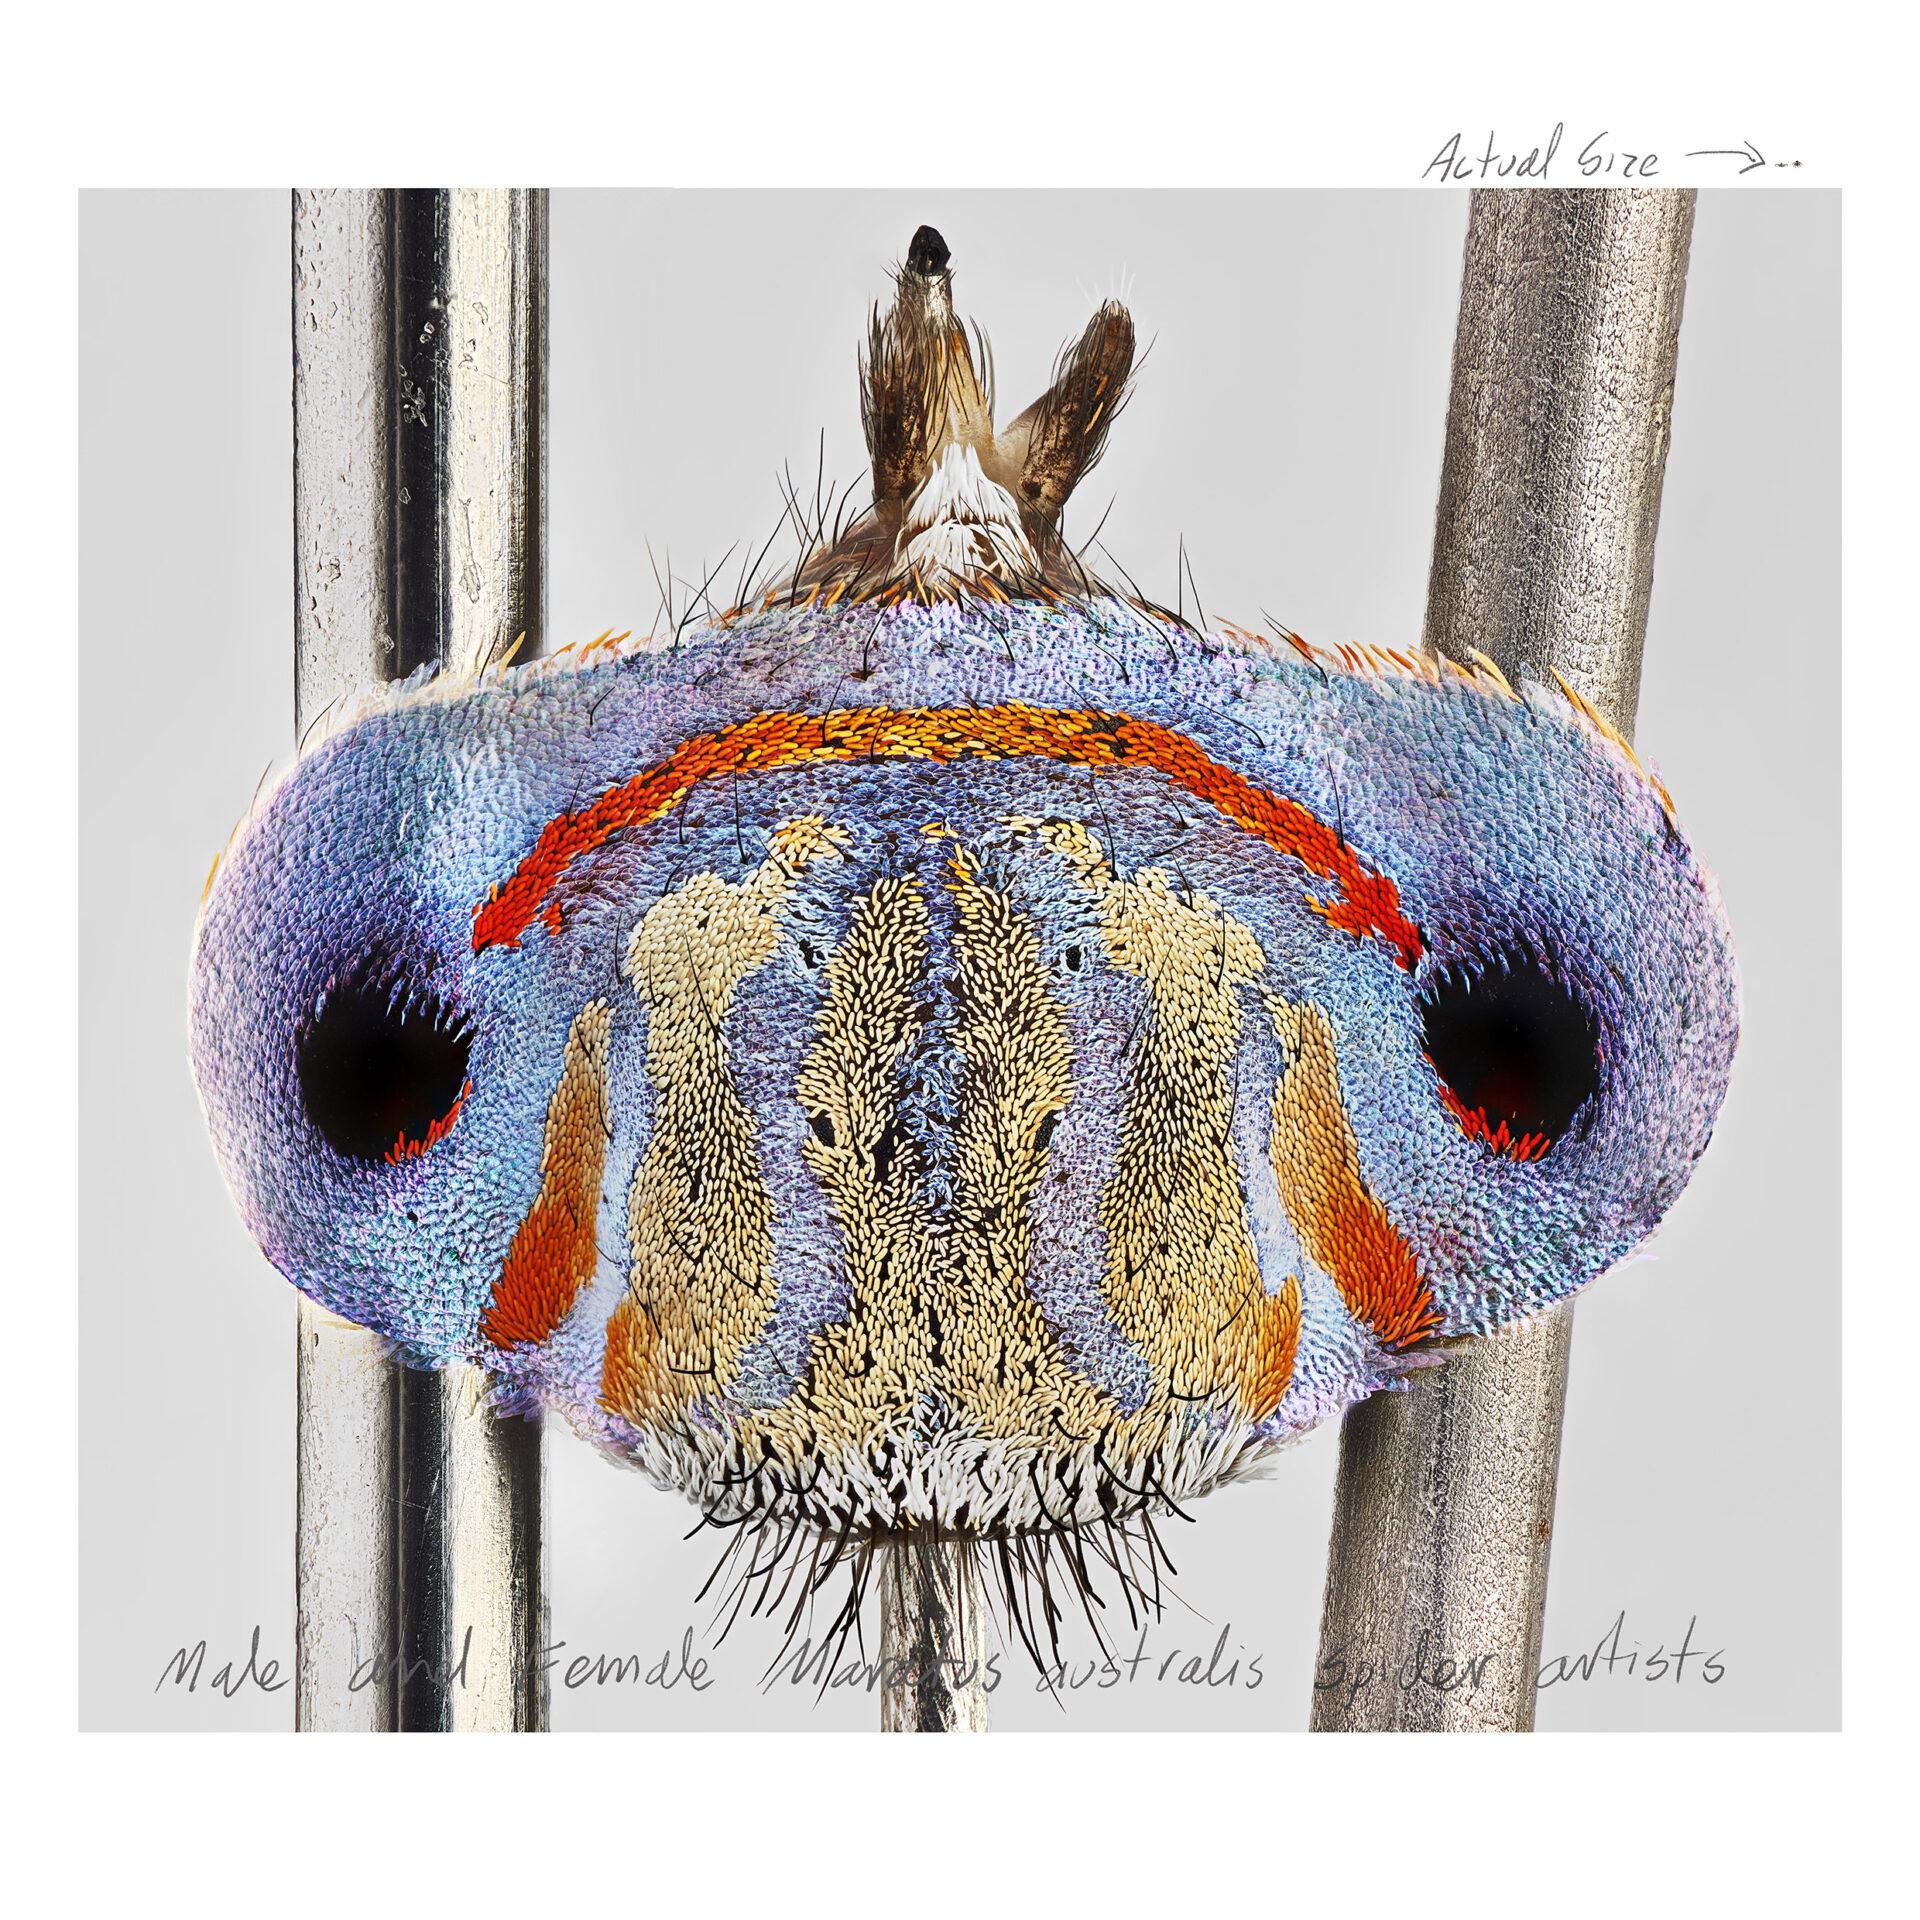 Maratus_australis